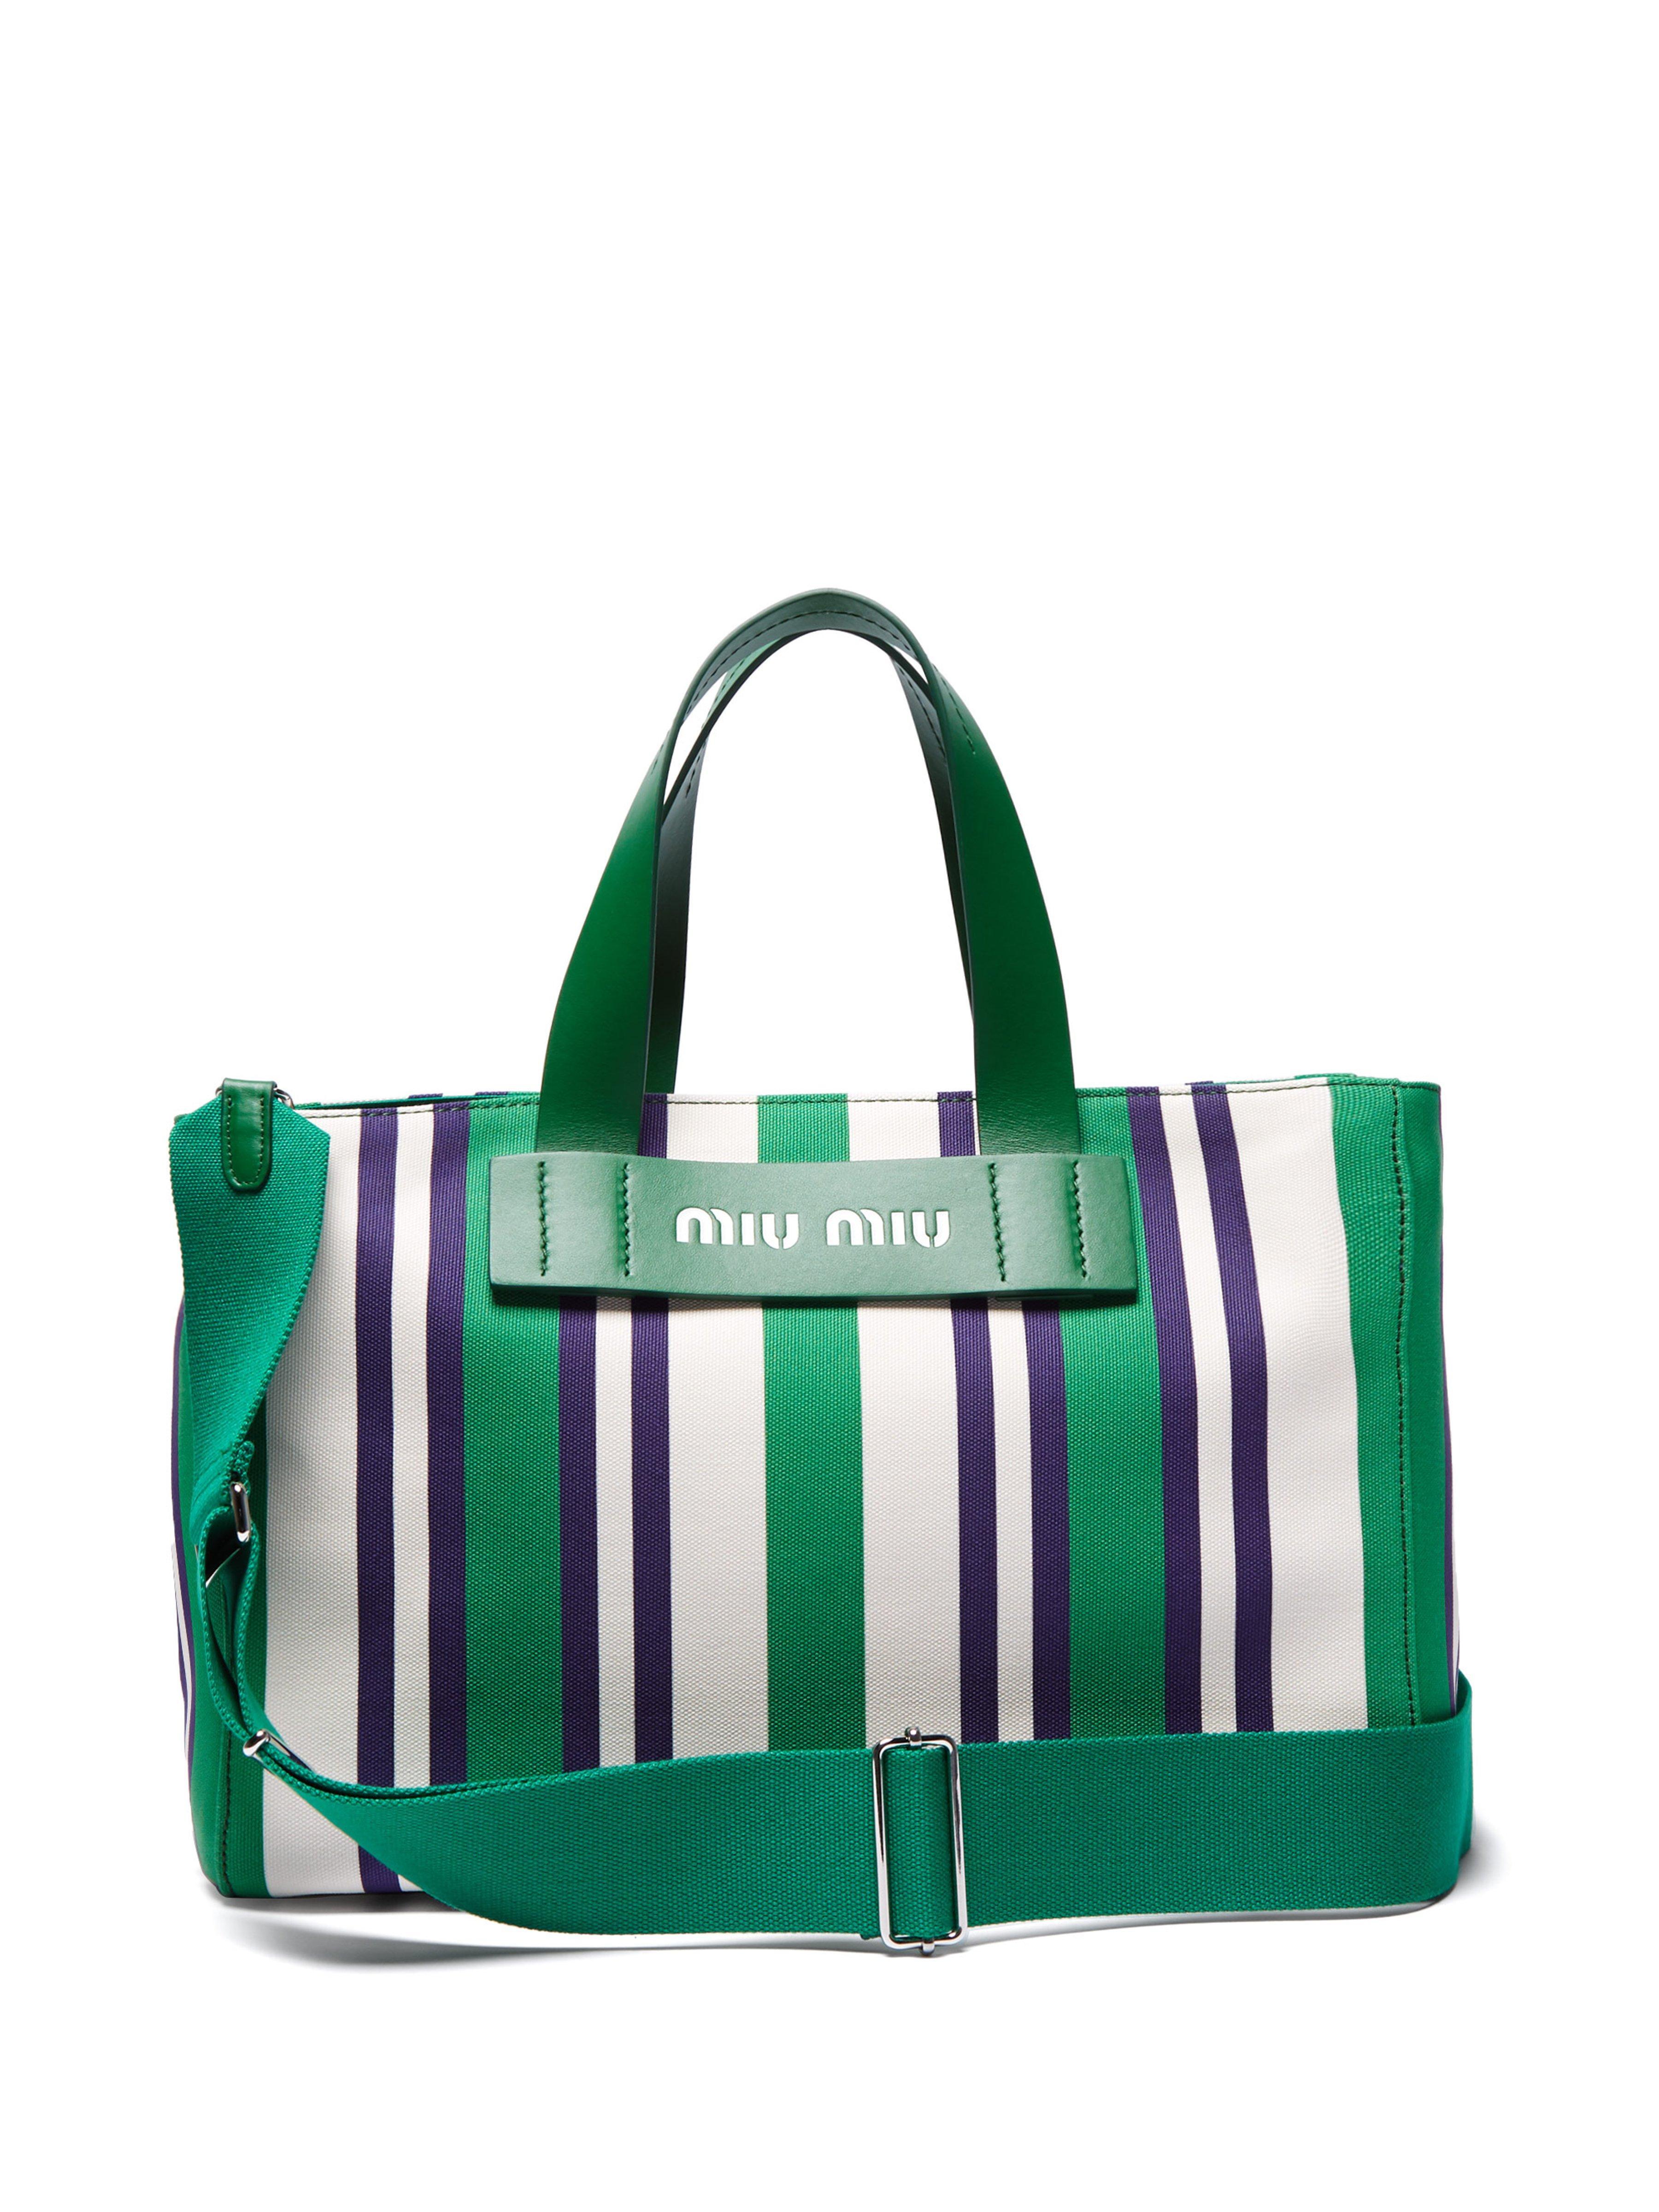 Miu Miu Striped Canvas Beach Bag in Green - Lyst 3210578aa66cd